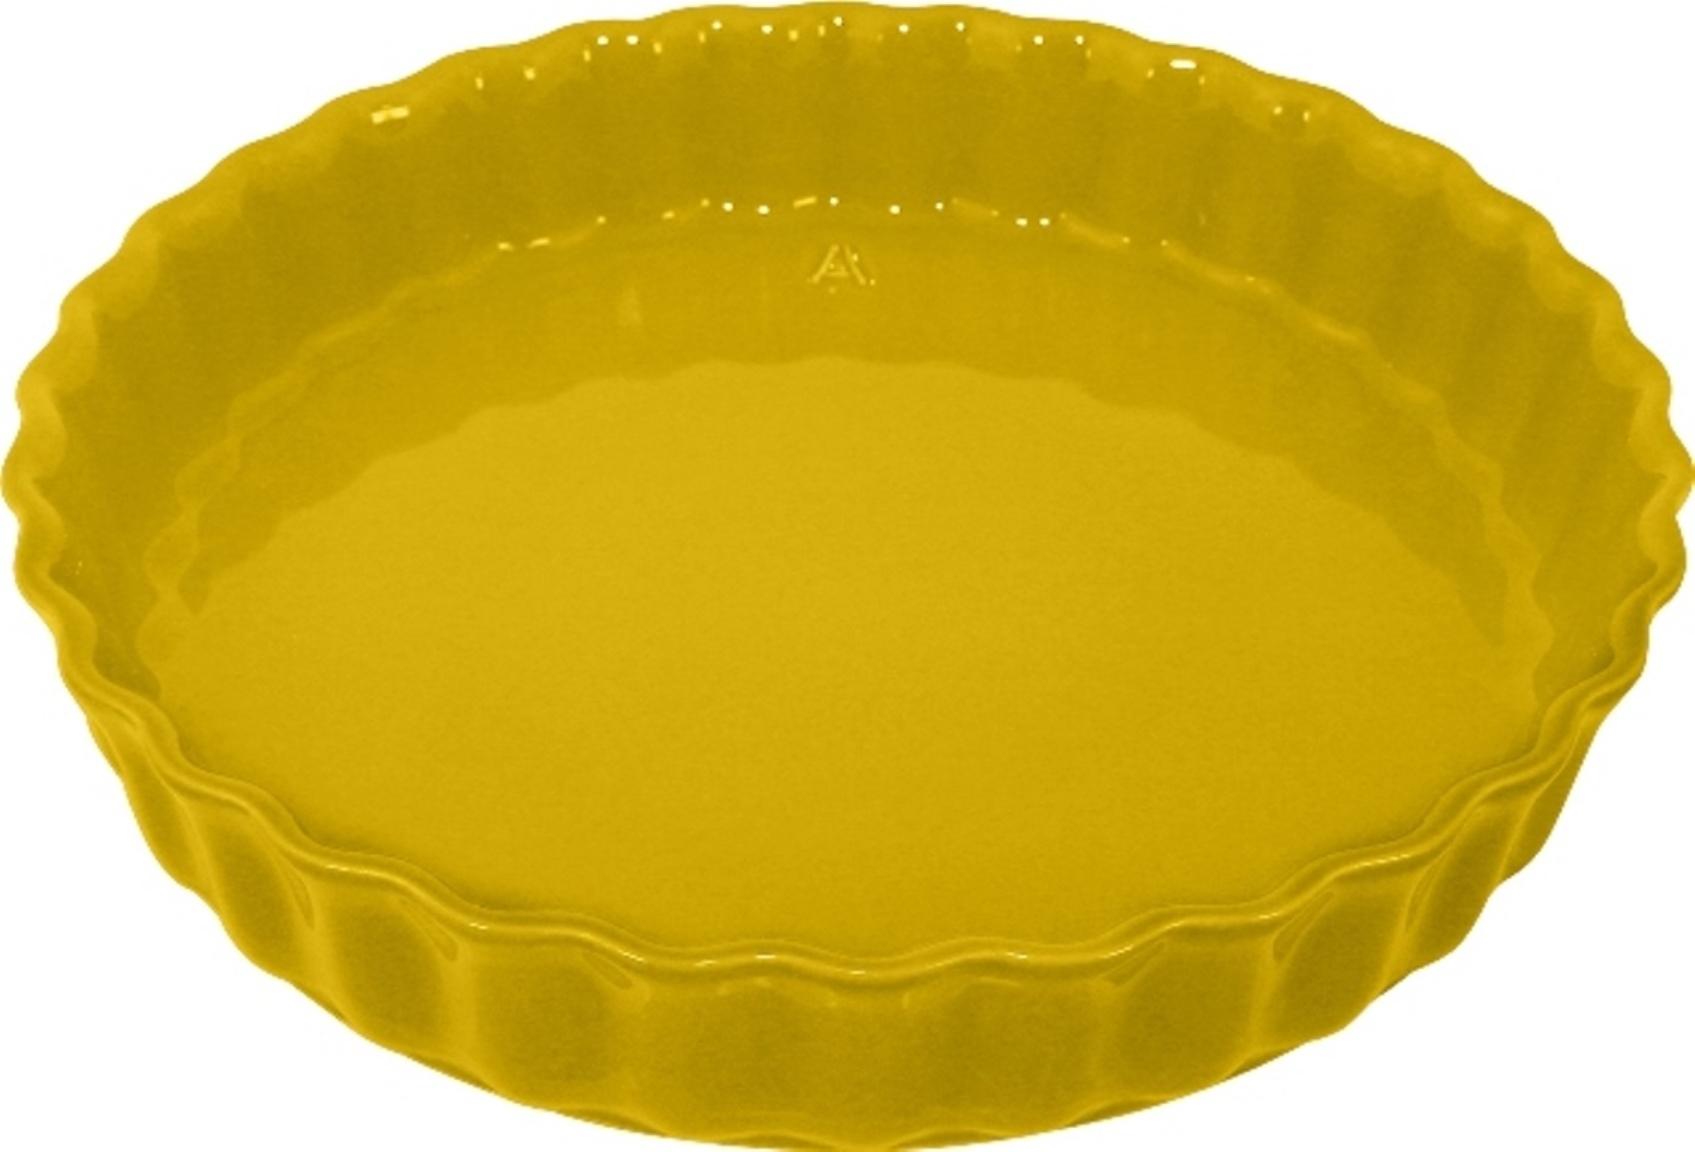 Форма для пирога 28 см Appolia Delices GRAPEFRUIT 11028077Формы для запекания (выпечки)<br>Форма для пирога 28 см Appolia Delices GRAPEFRUIT 11028077<br><br>Благодаря большому разнообразию изящных форм и широкой цветовой гамме, коллекция DELICES предлагает всевозможные варианты приготовления блюд для себя и гостей. Выбирайте цвета в соответствии с вашими желаниями и вашей кухне. Закругленные углы облегчают чистку. Легко использовать. Большие удобные ручки. Прочная жароустойчивая керамика экологична и изготавливается из высококачественной глины. Прочная глазурь устойчива к растрескиванию и сколам, не содержит свинца и кадмия. Глина обеспечивает медленный и равномерный нагрев, деликатное приготовление с сохранением всех питательных веществ и витаминов, а та же долго сохраняет тепло, что удобно при сервировке горячих блюд.<br>